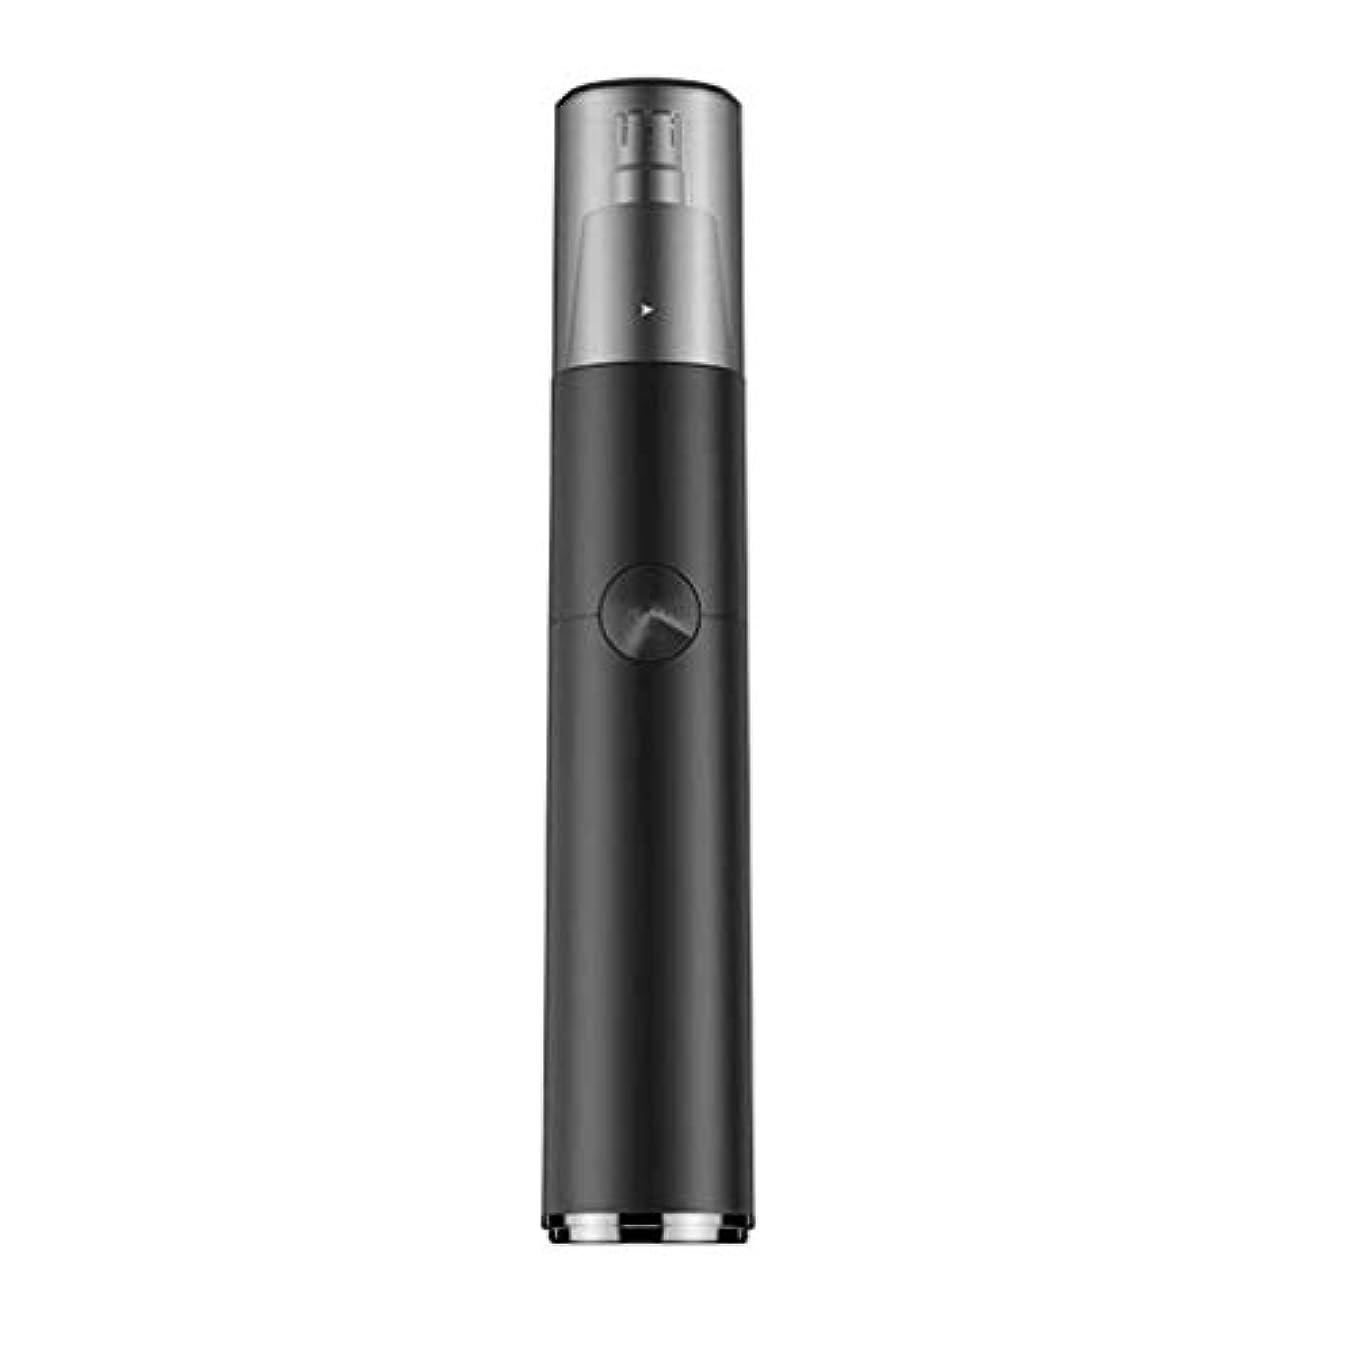 粒層マントル鼻毛カッター360°高速回転フローティングブレードバッテリー駆動取り外し可能なヘッドと洗えるデザイン鼻毛トリマー